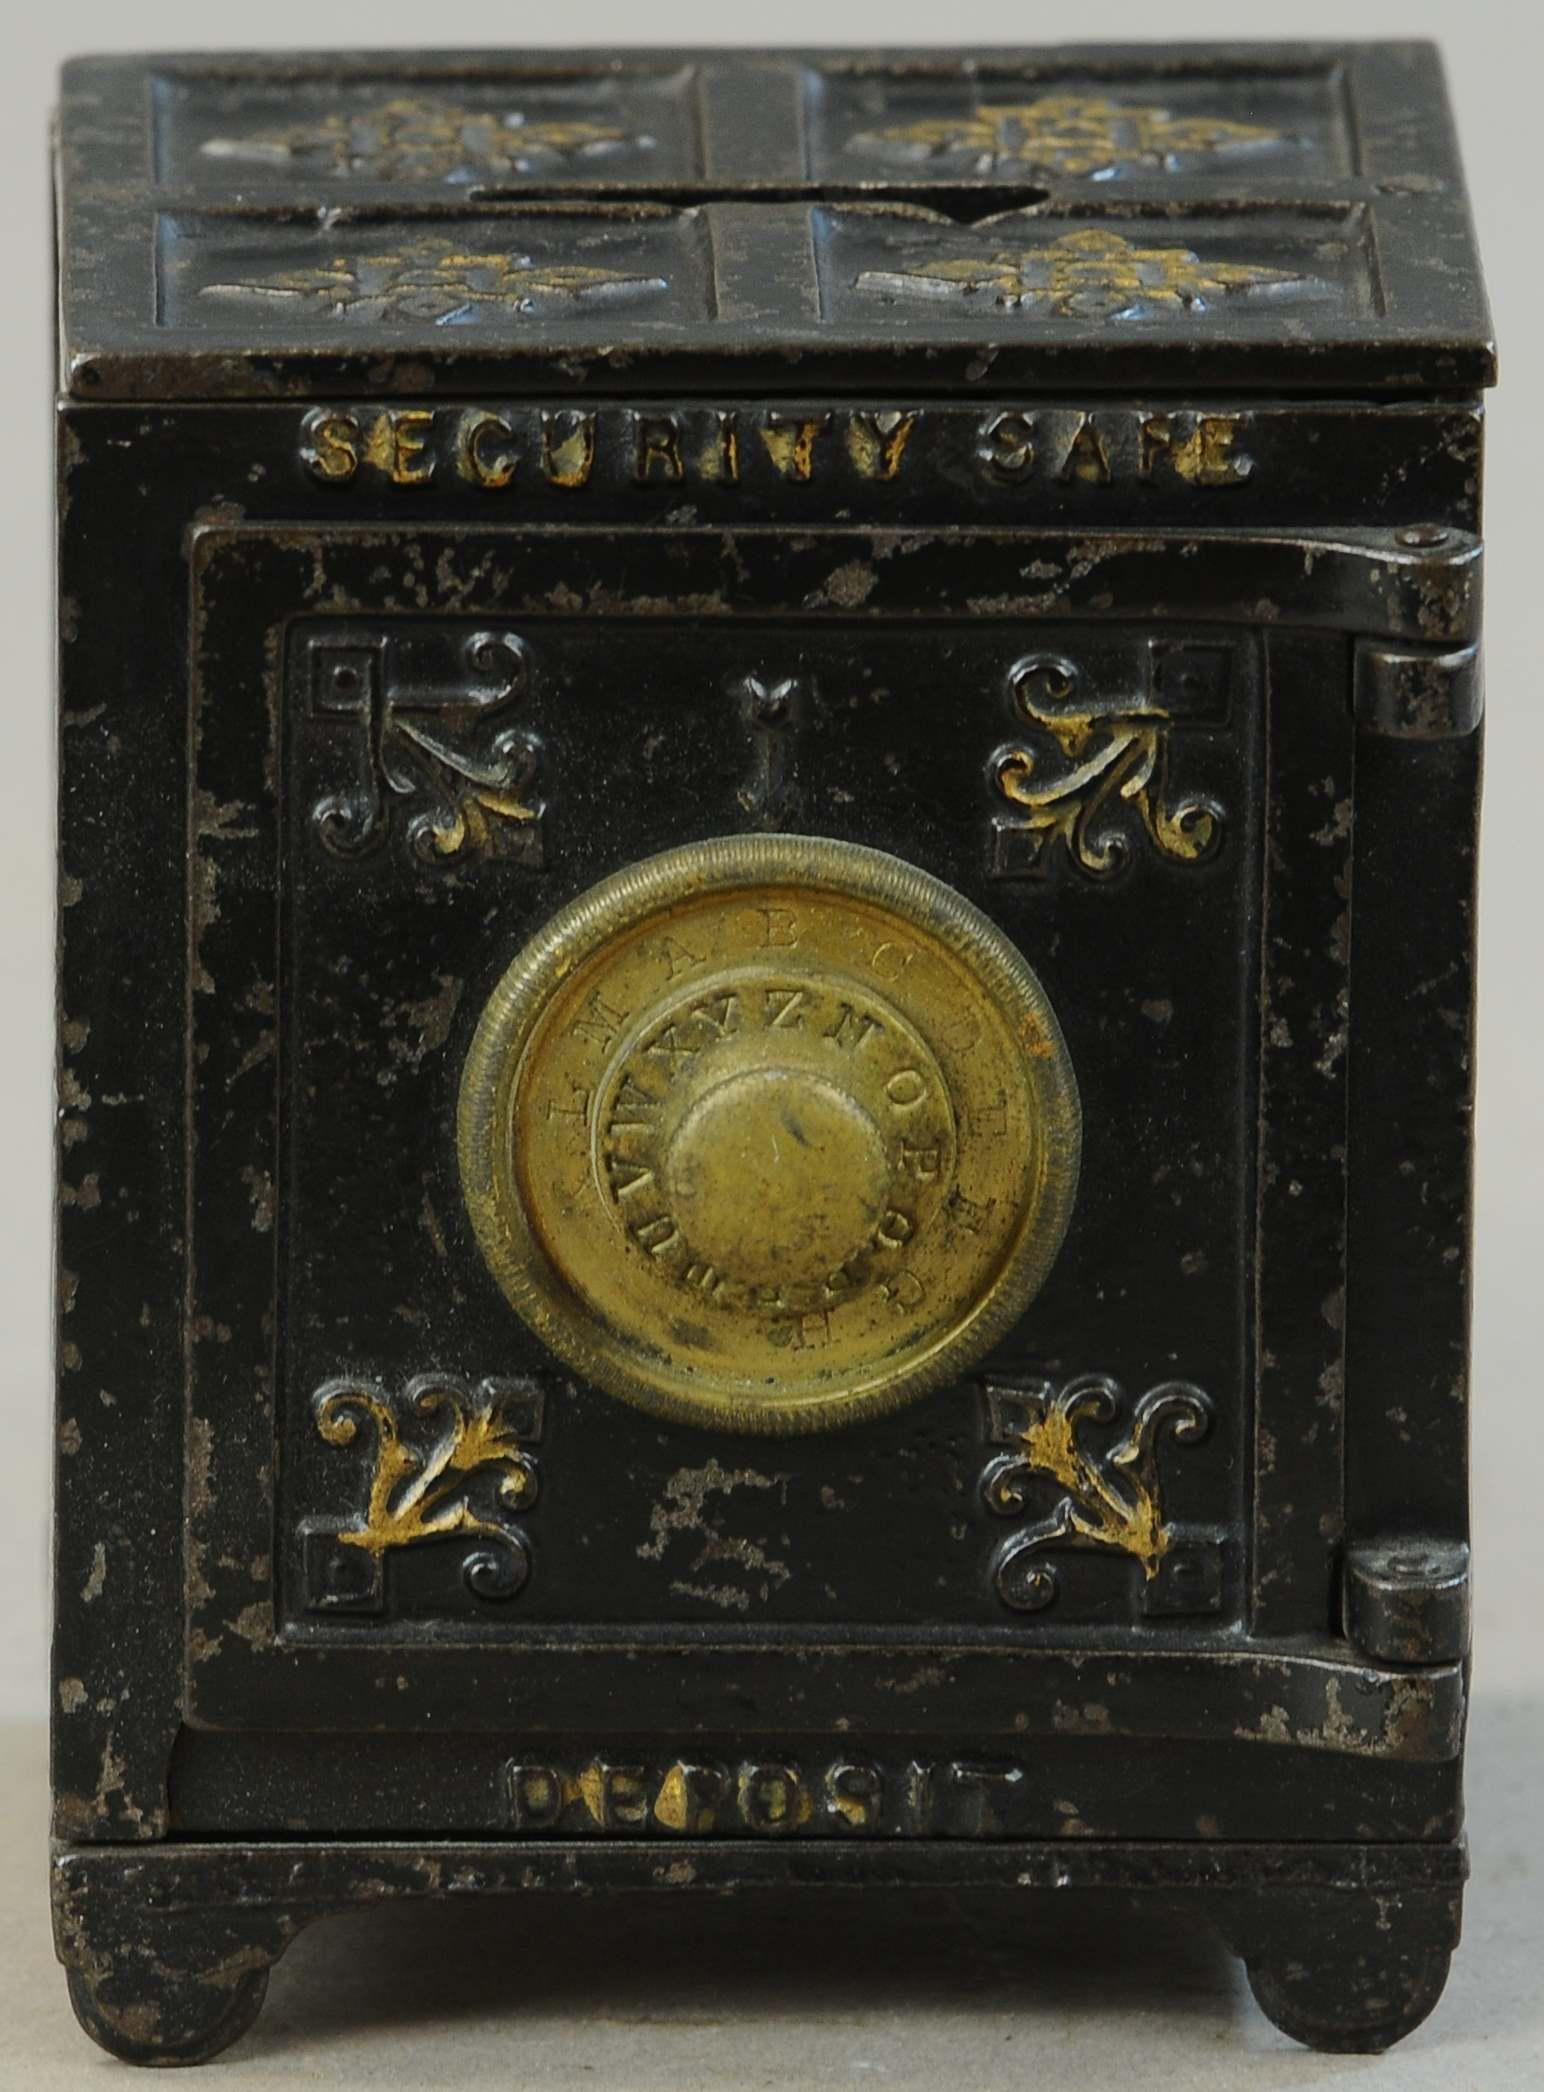 SECURITY SAFE DEPOSIT STILL BANK